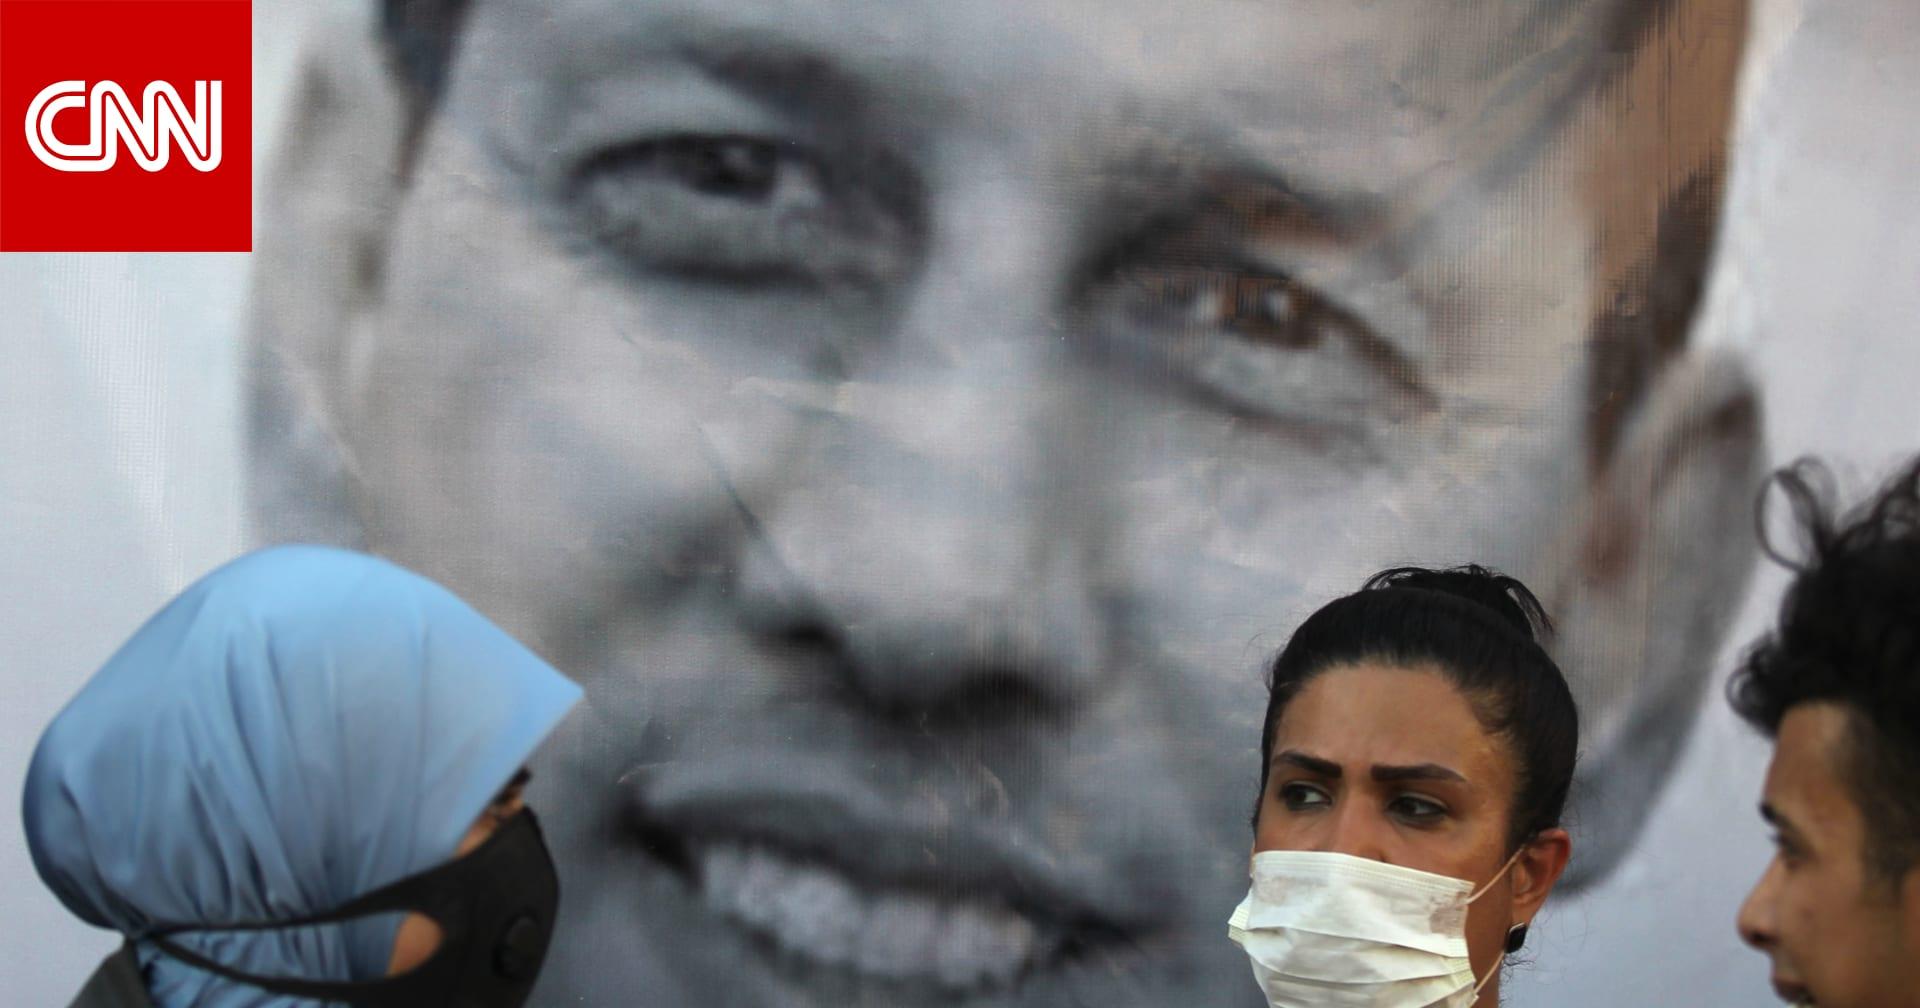 بعد الكشف عن قتلته.. تفاصيل مثيرة لاغتيال الباحث العراقي هشام الهاشمي